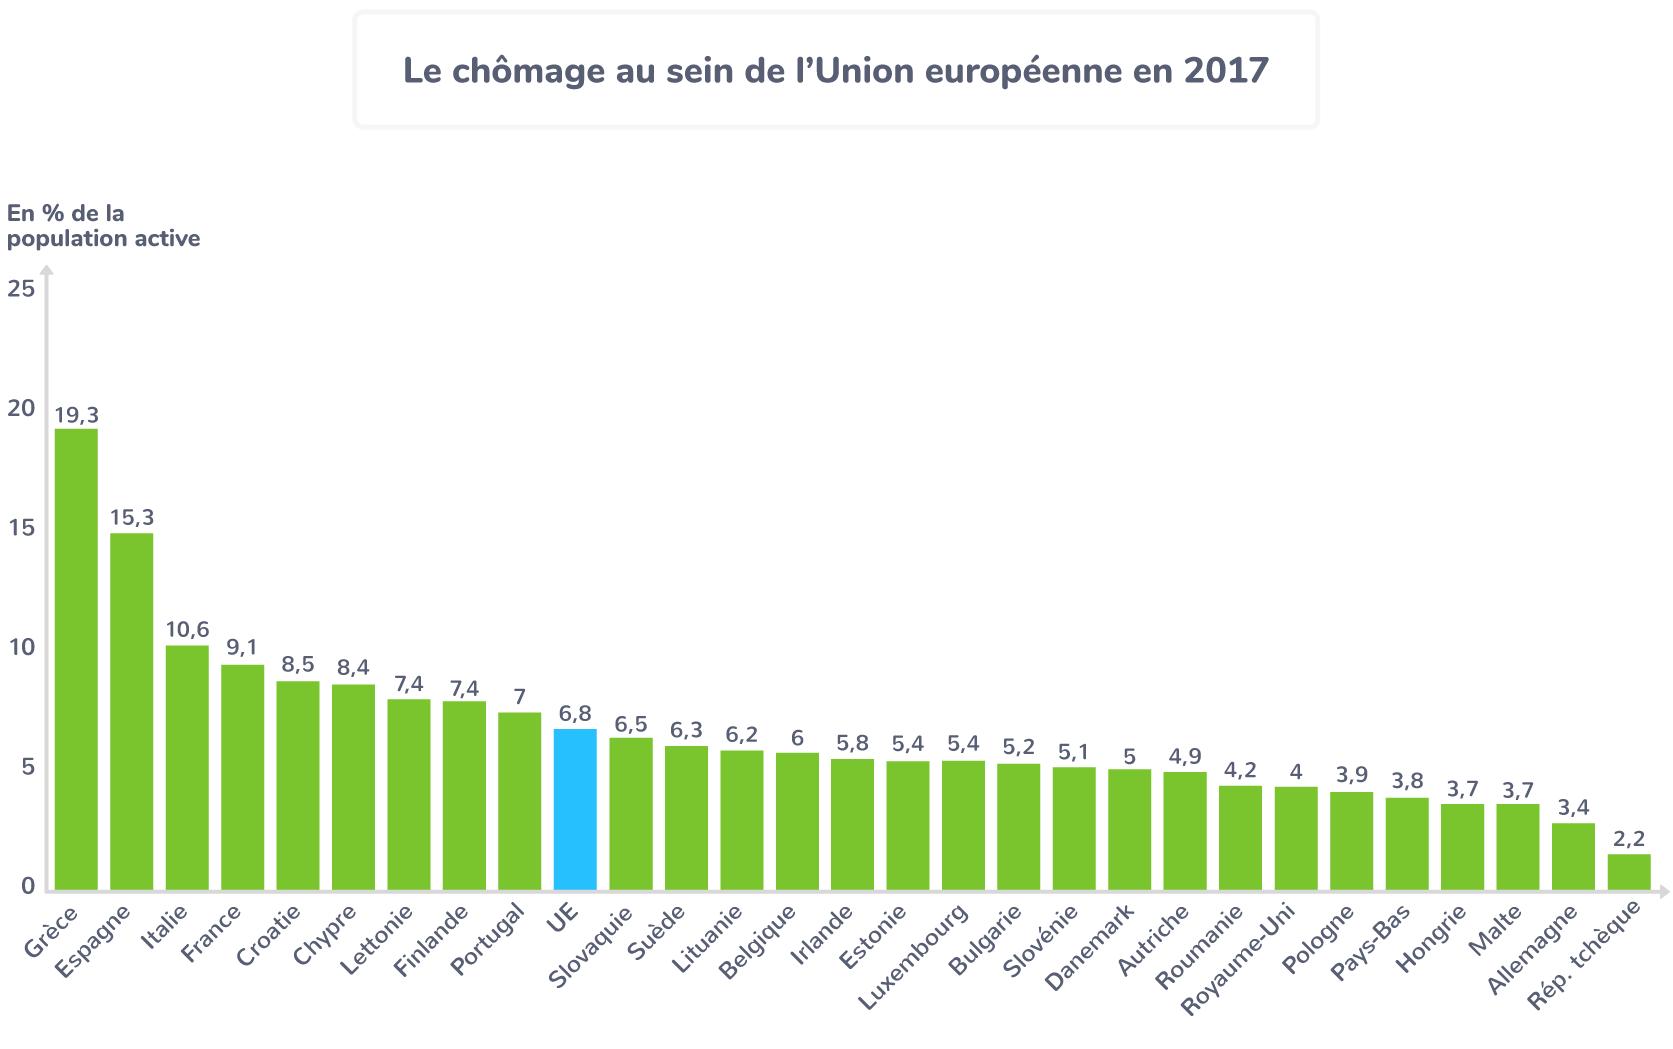 union européenne chômage graphique